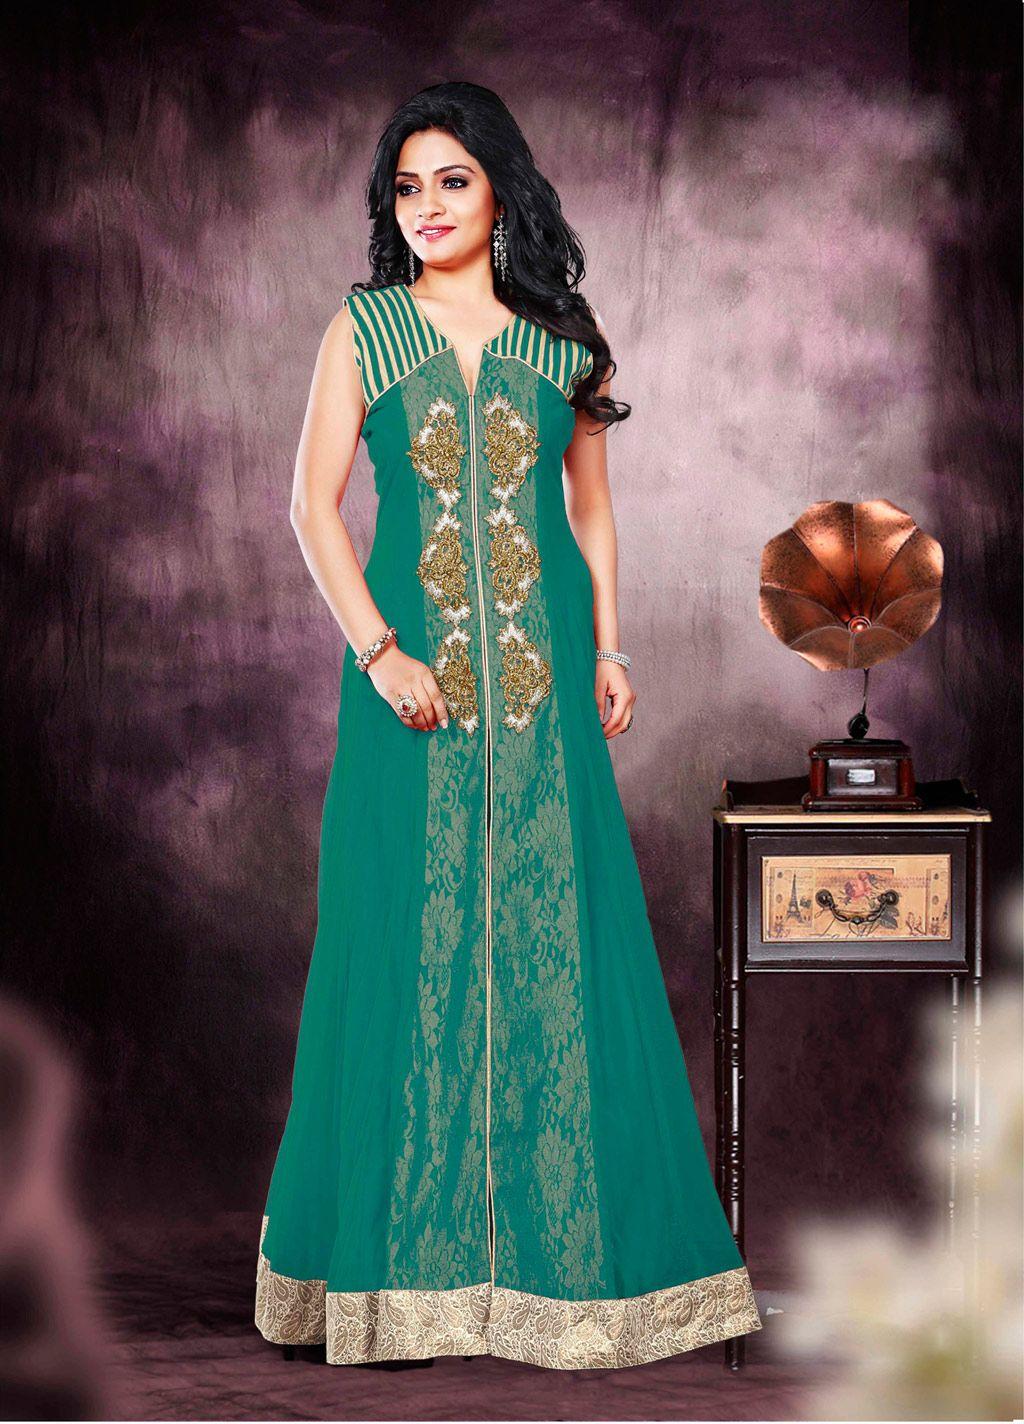 Sea Green Net Long Anarkali Suit 70217   Desi   Pinterest   Long ...